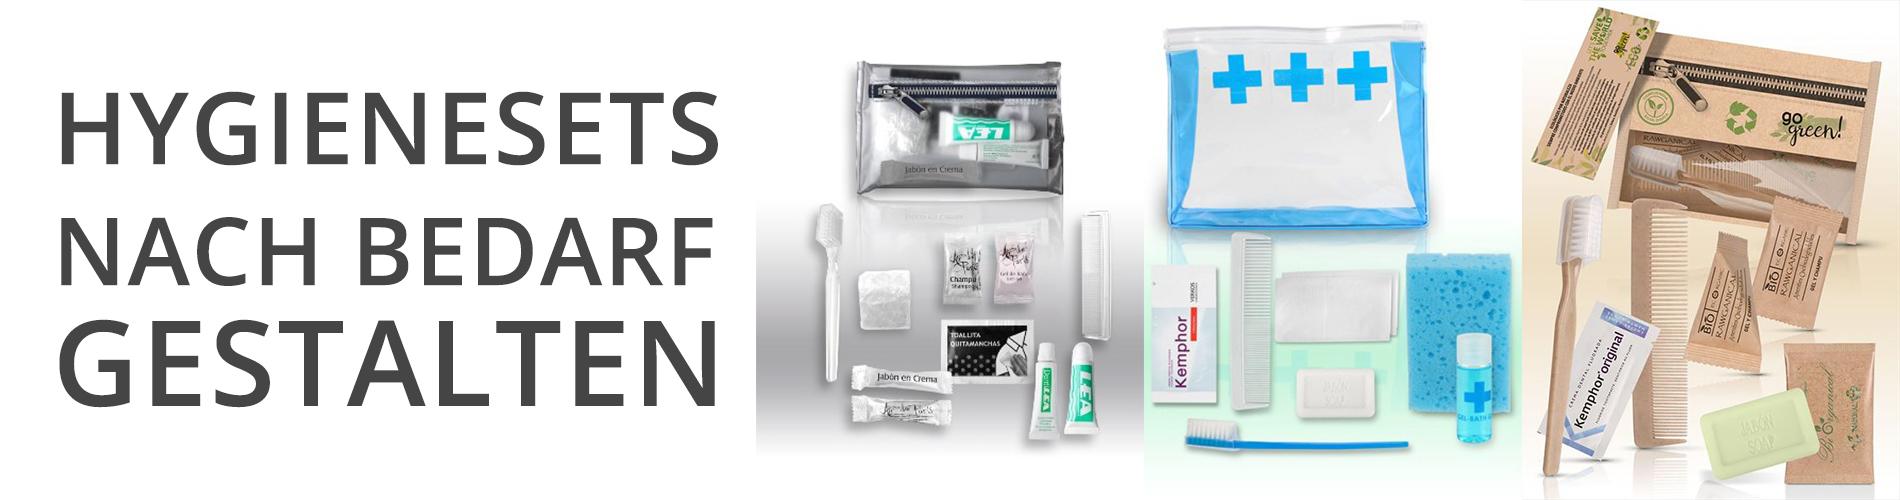 Hygienekits und hygienesets